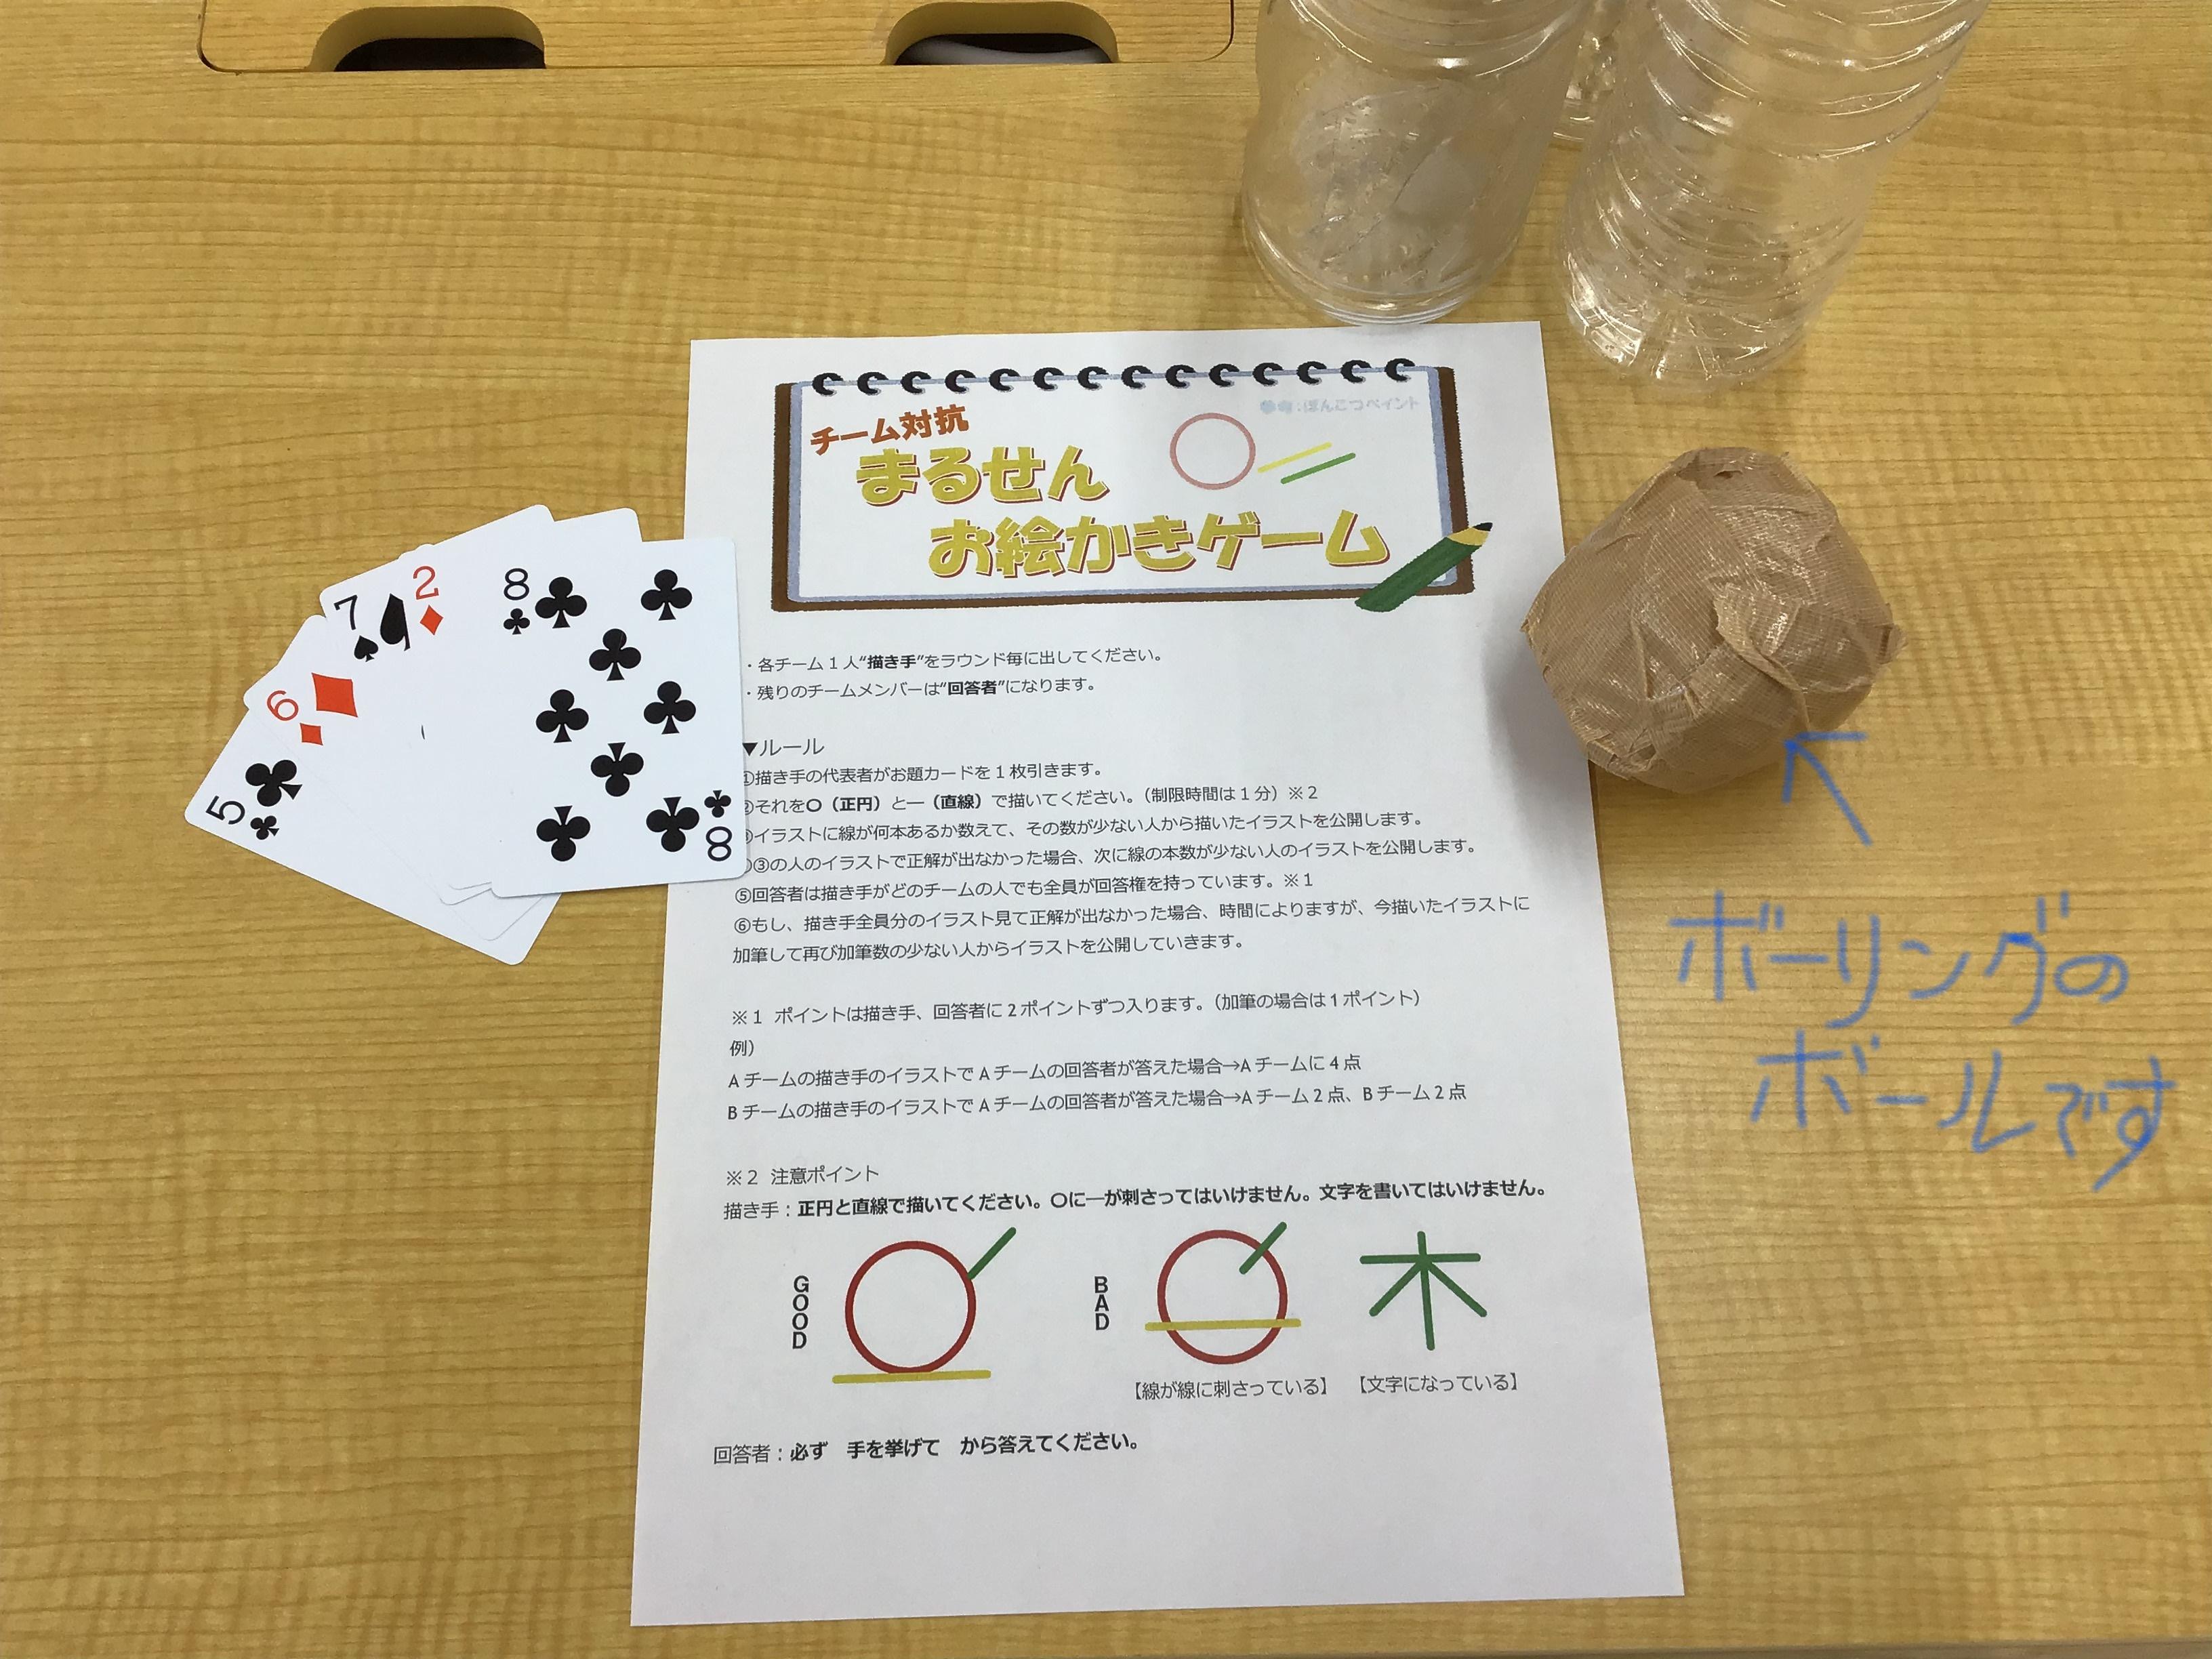 浦安駅前センター企業実践イベント_LI